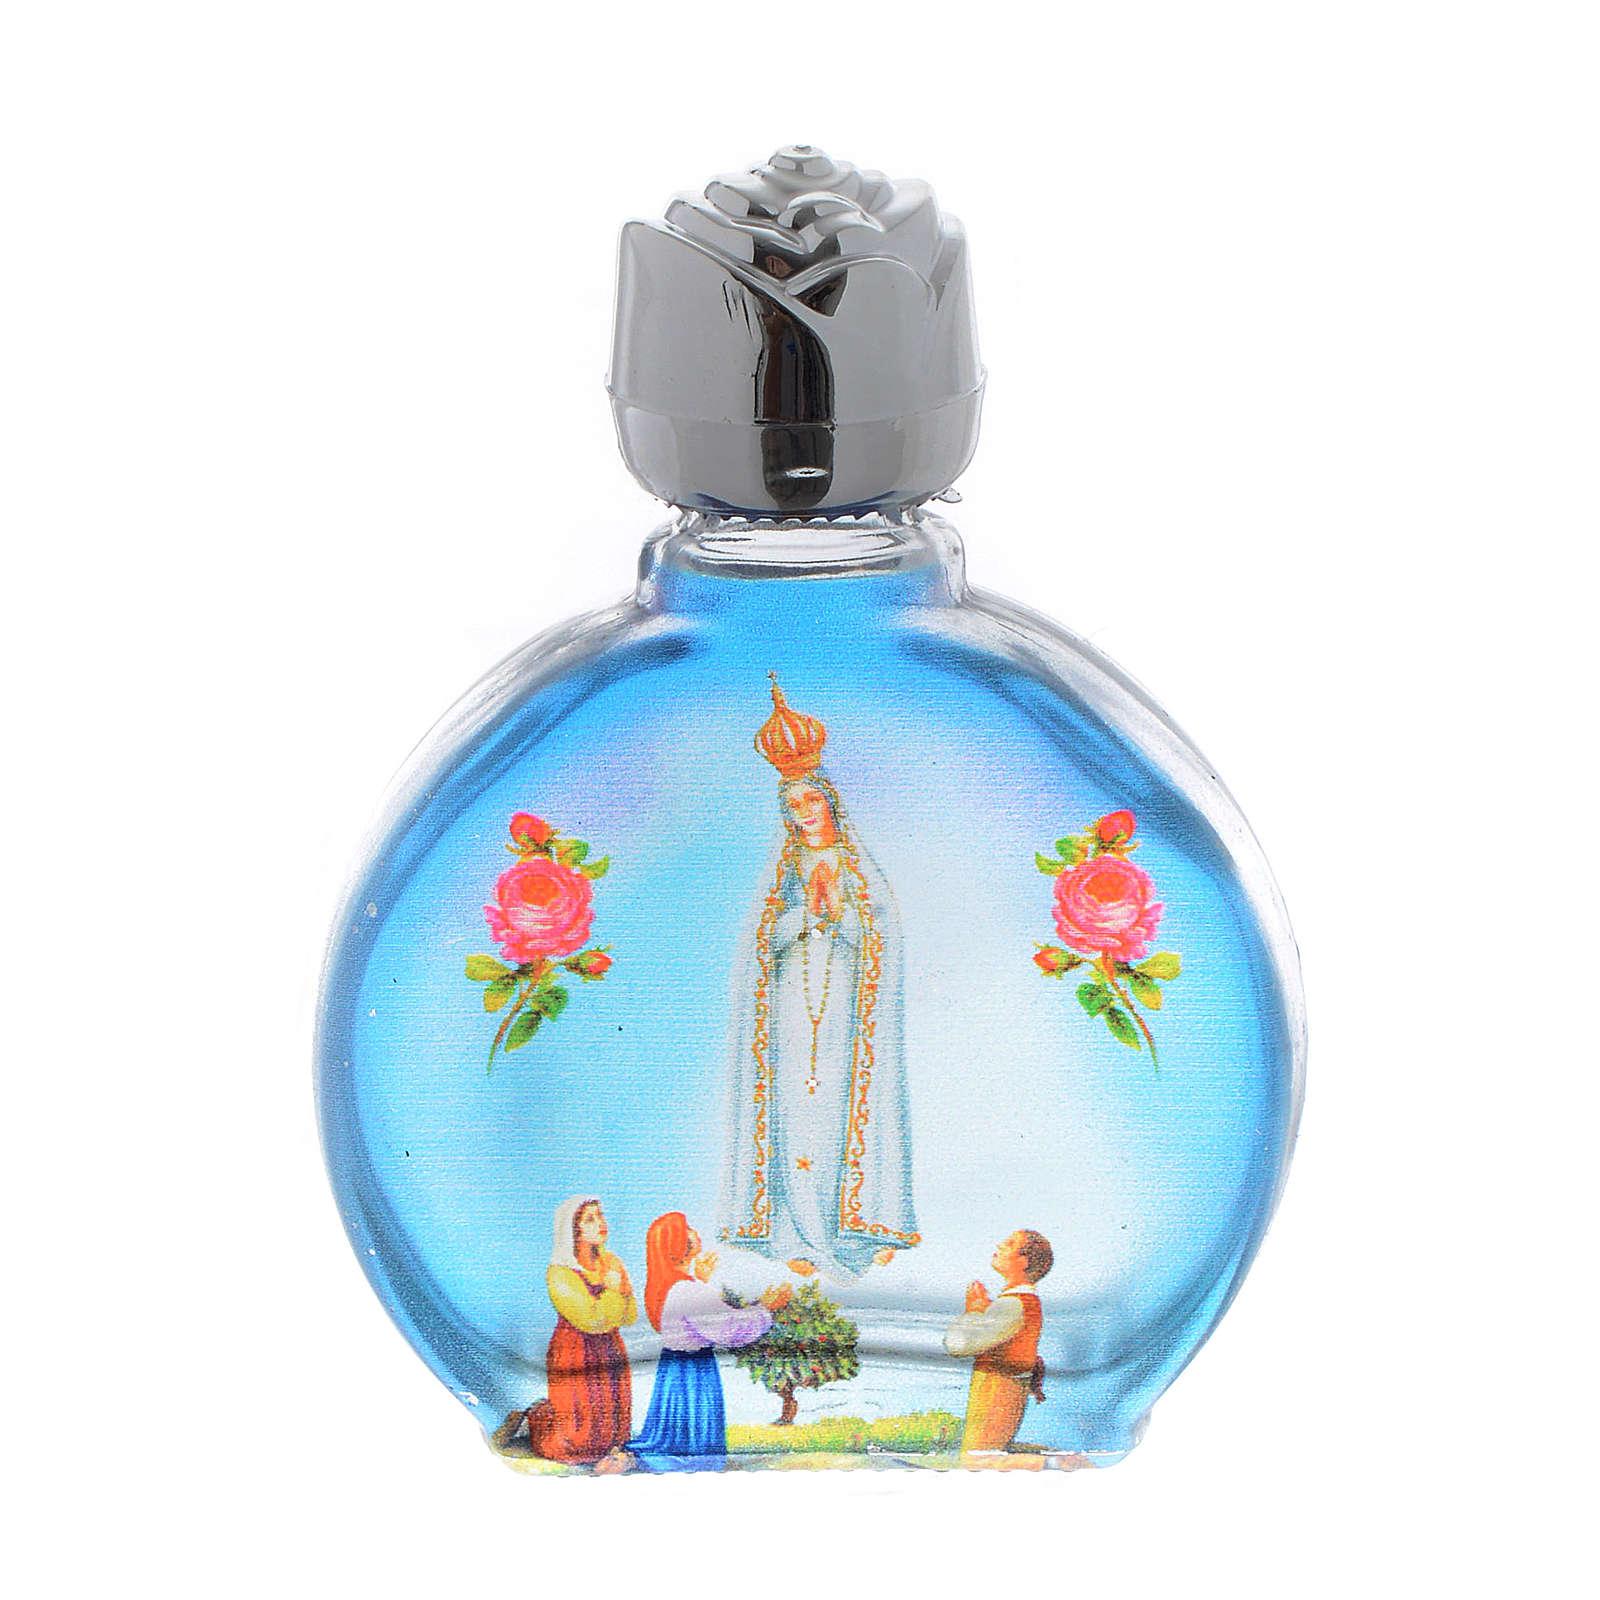 Botella para agua bendita Virgen de Fatima vidrio 3